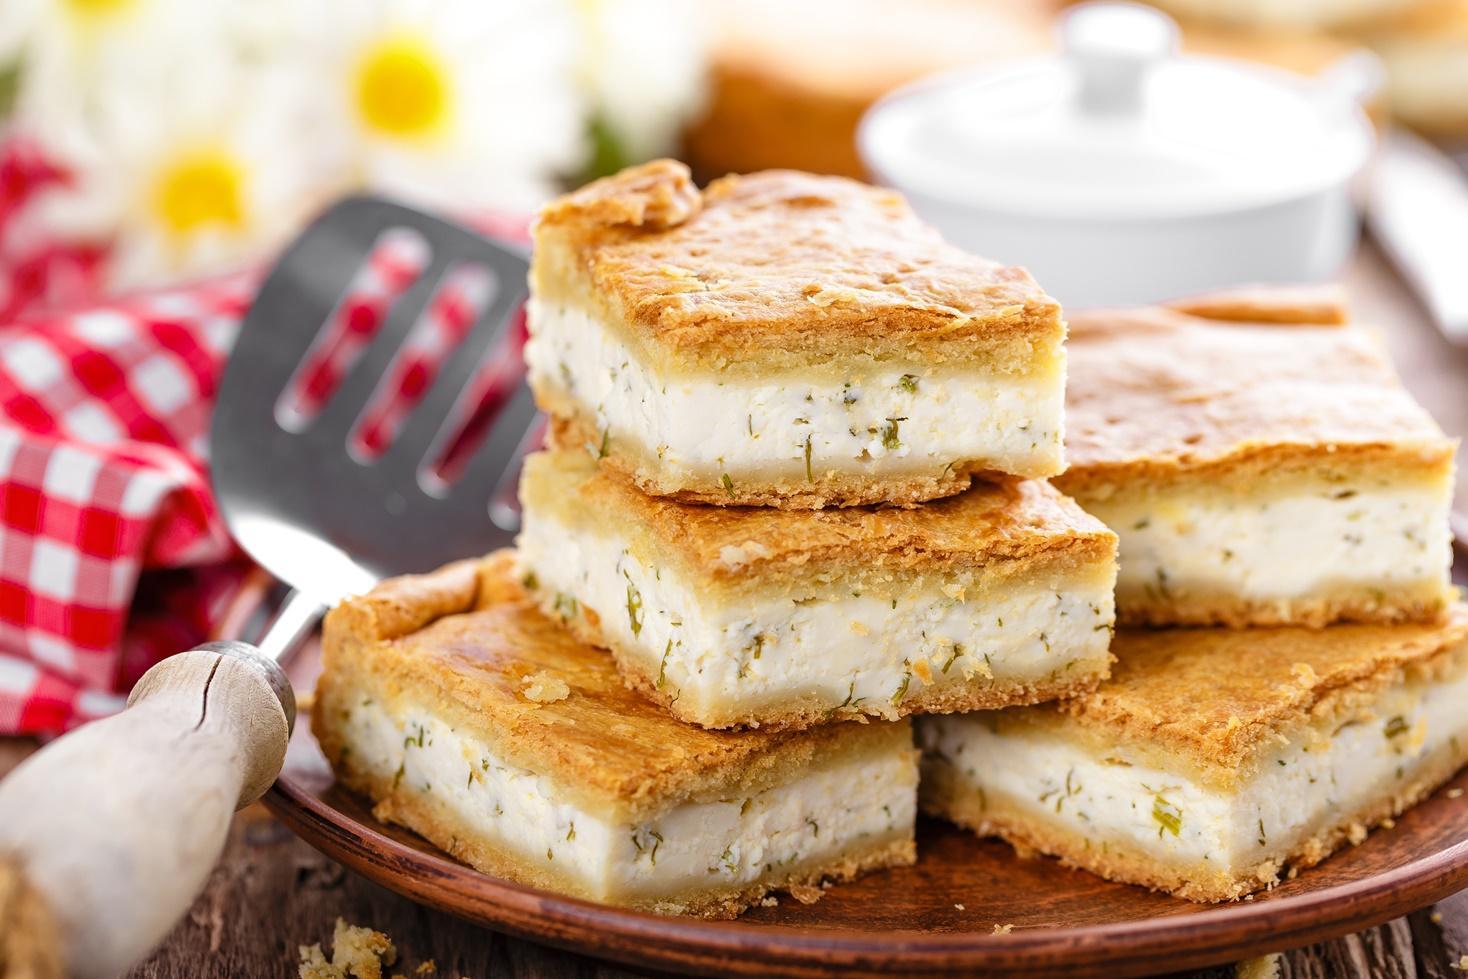 Rețetă de plăcintă cu brânză sărată și aluat fraged cu iaurt